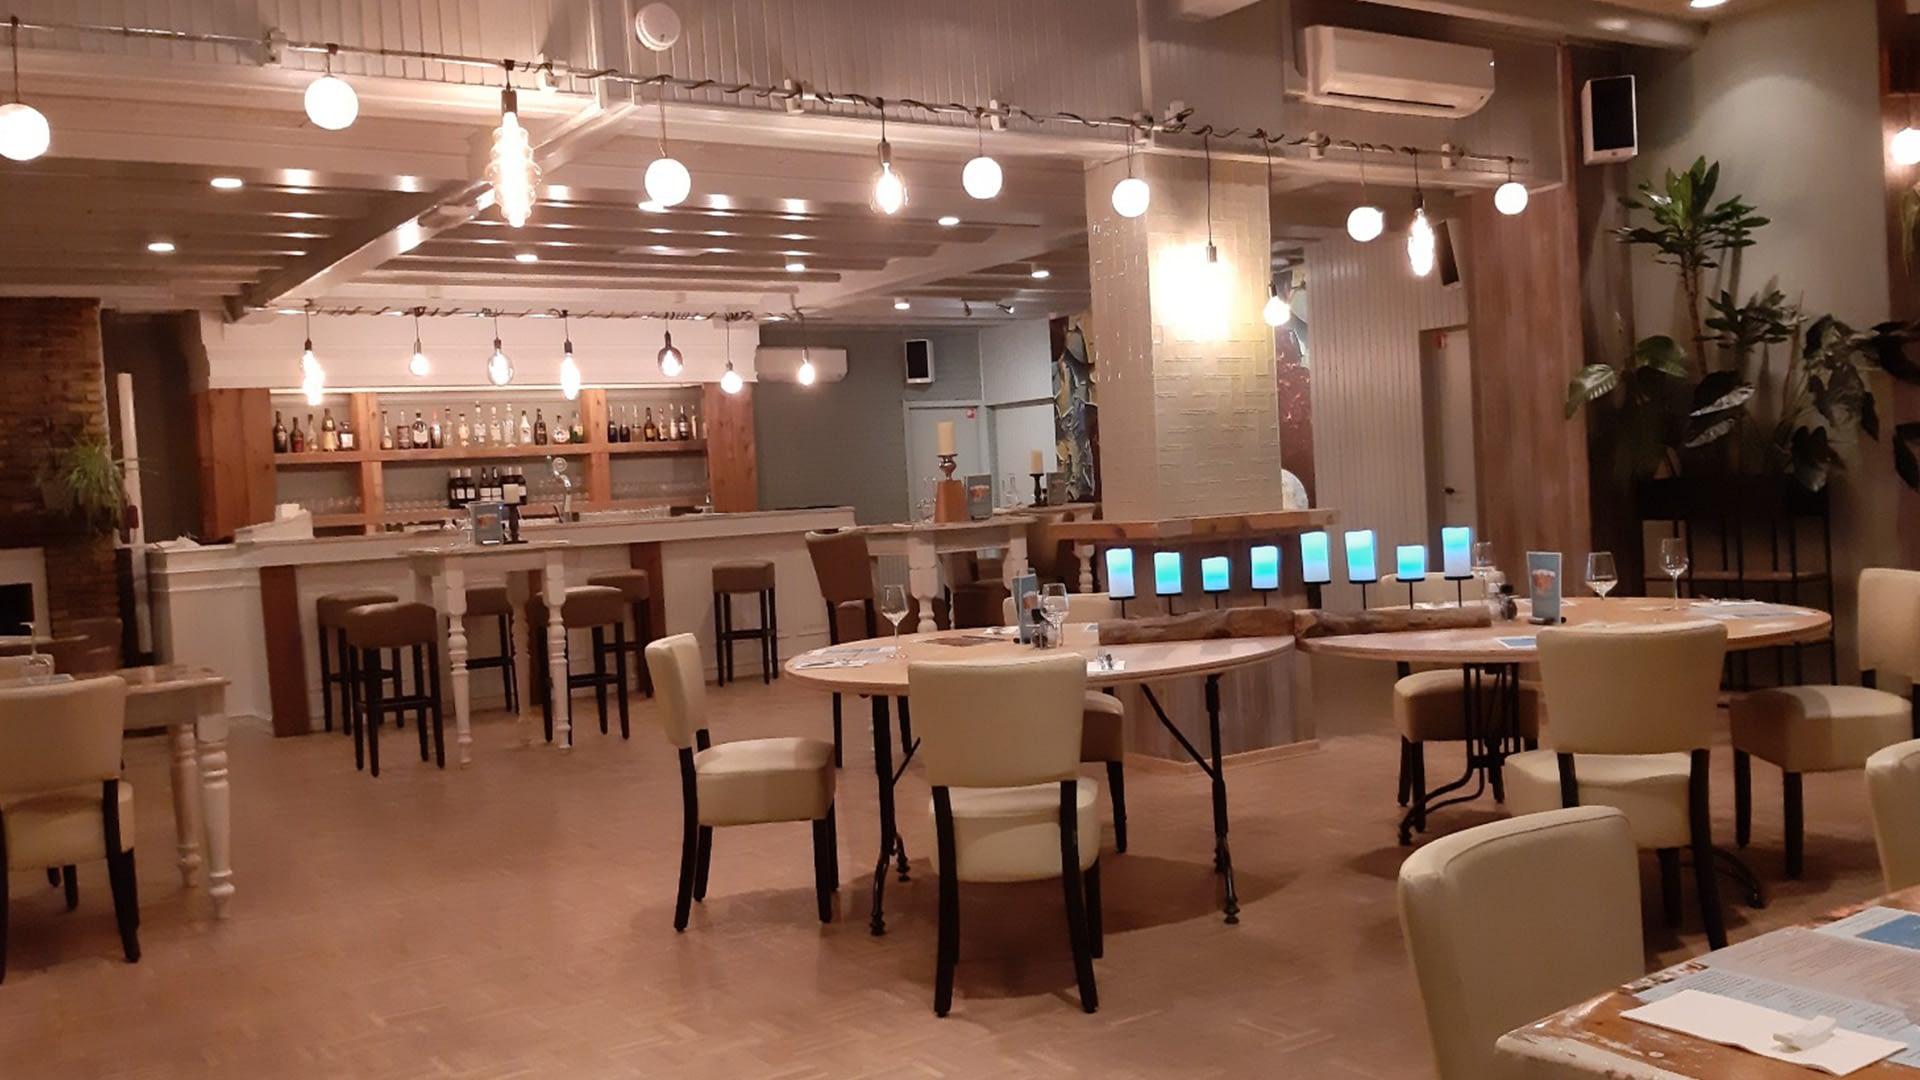 restaurantgedeelte met witte tafels en stoelen bij Eindeloos uit eten in het Westland